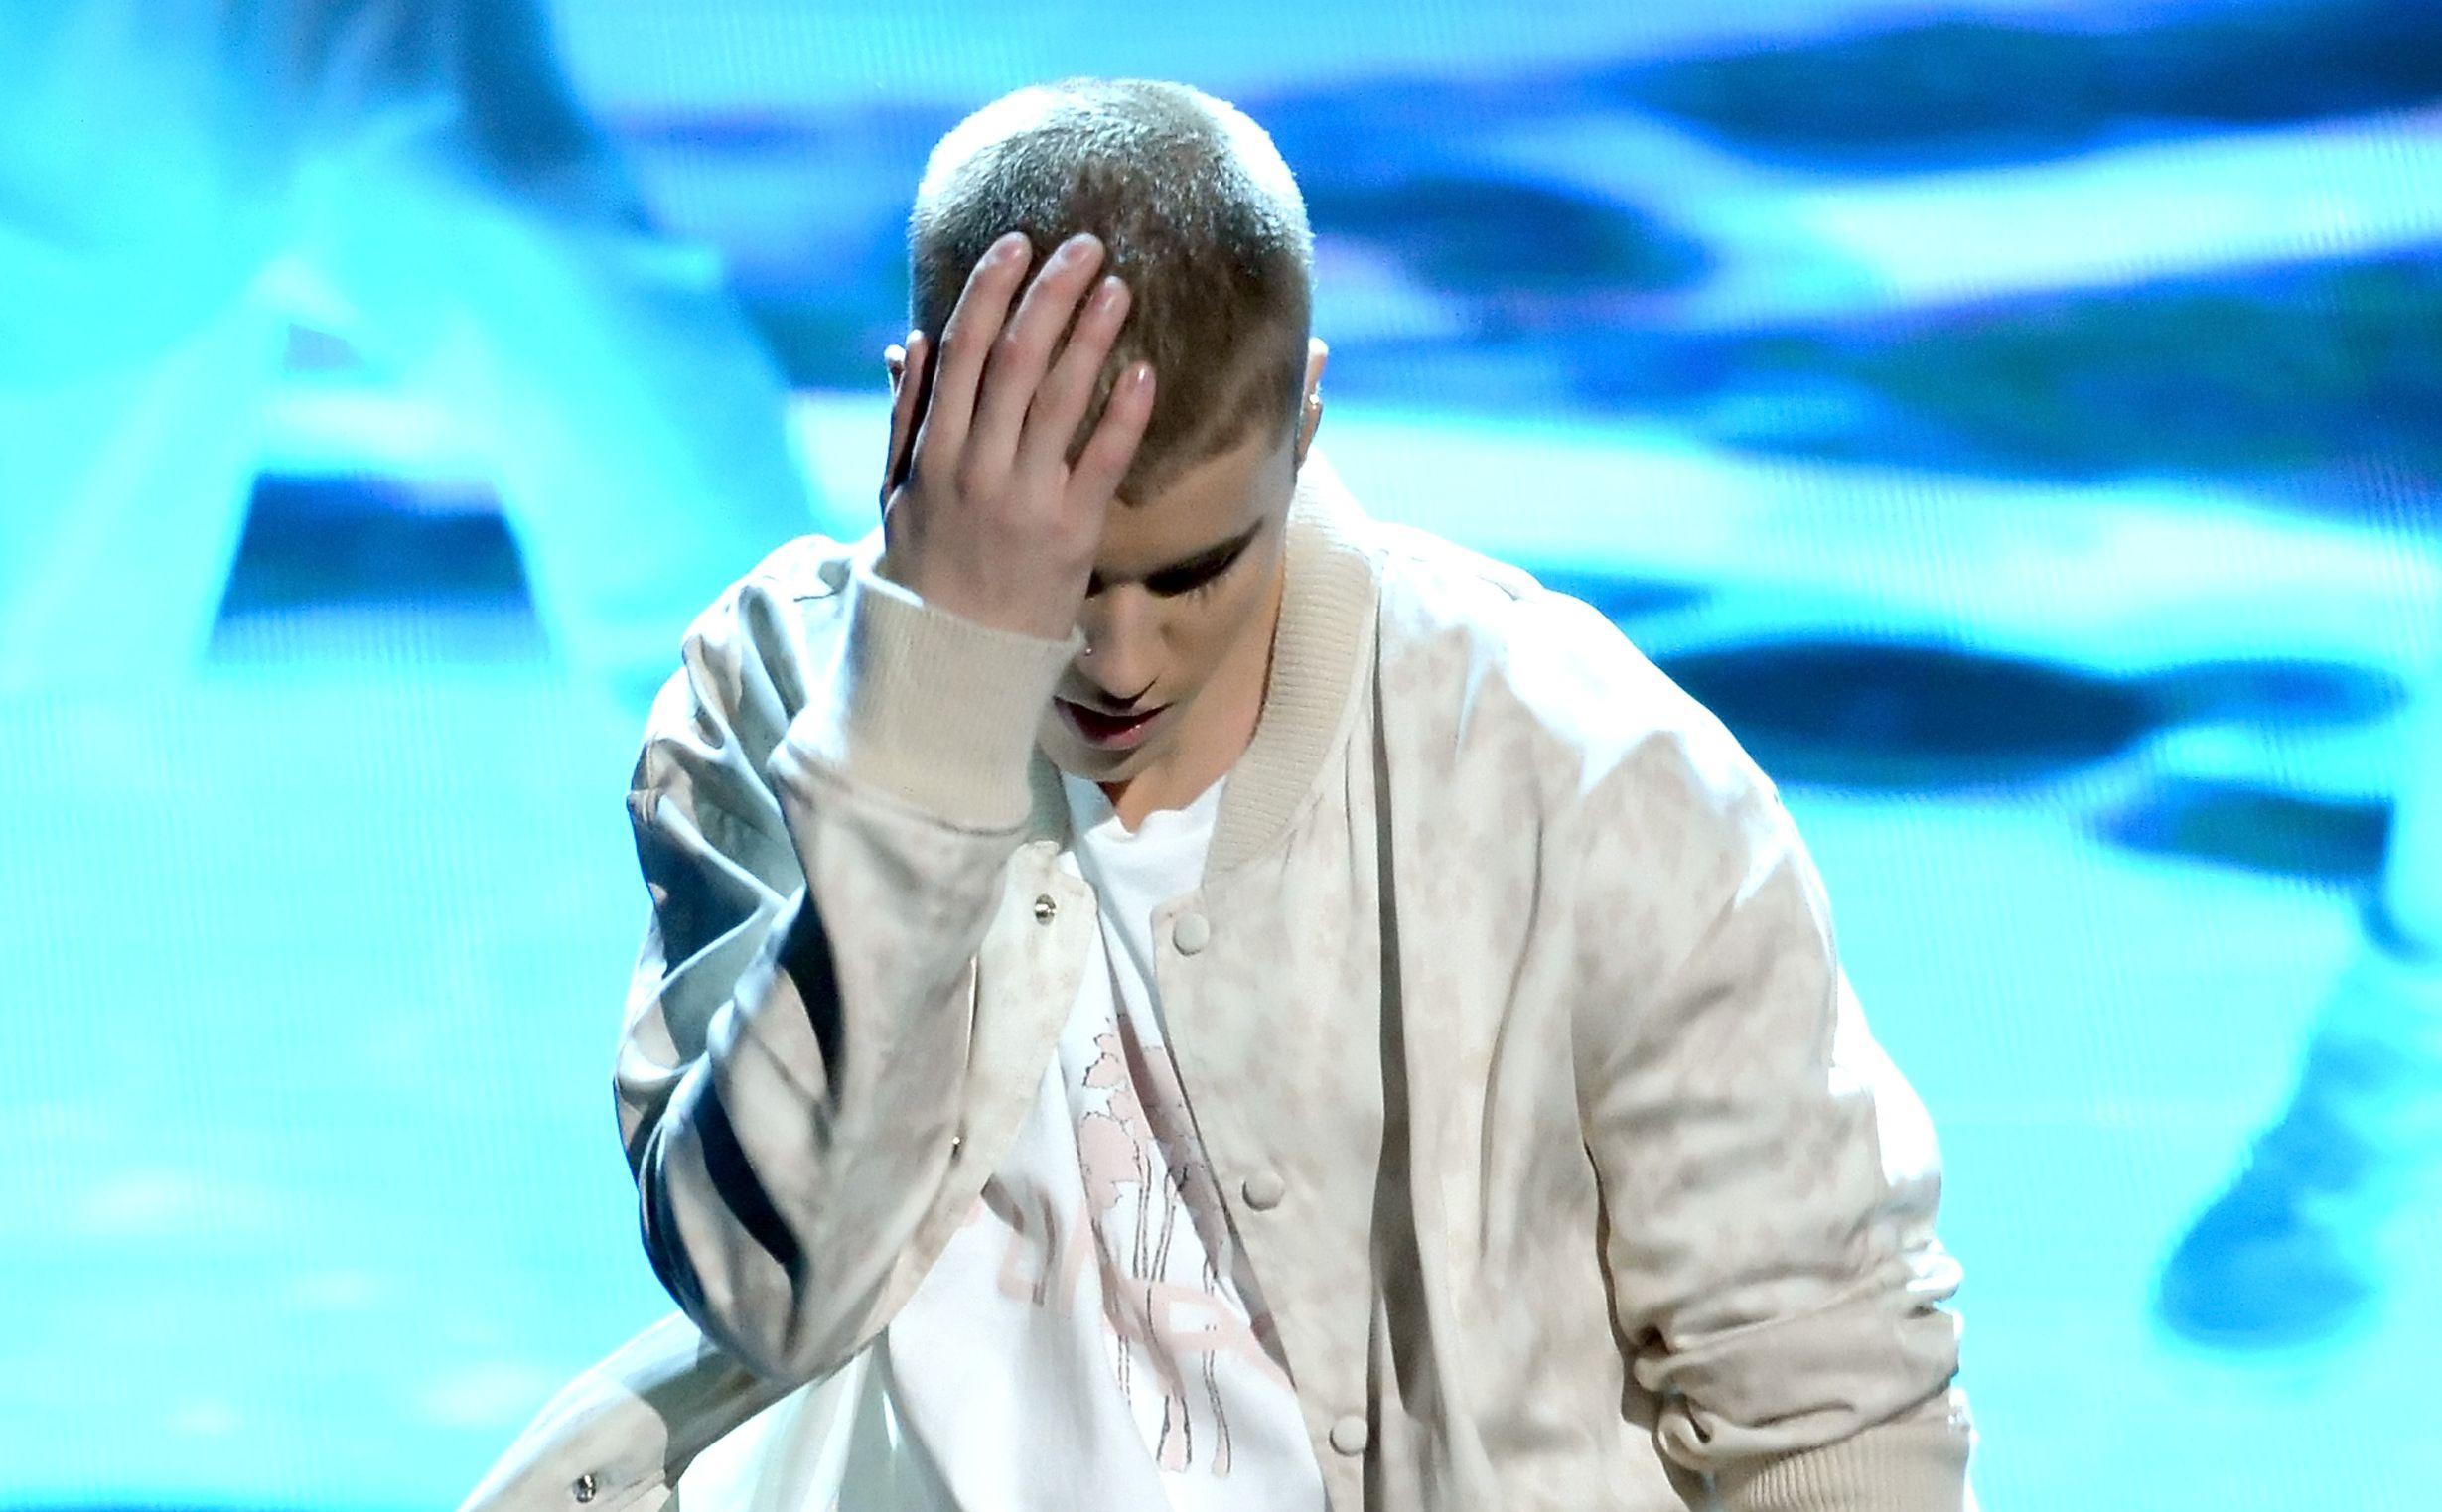 Egy augusztus 28-án elhunyt mexikói énekes végre letaszította Biebert a Youtube toplistáról